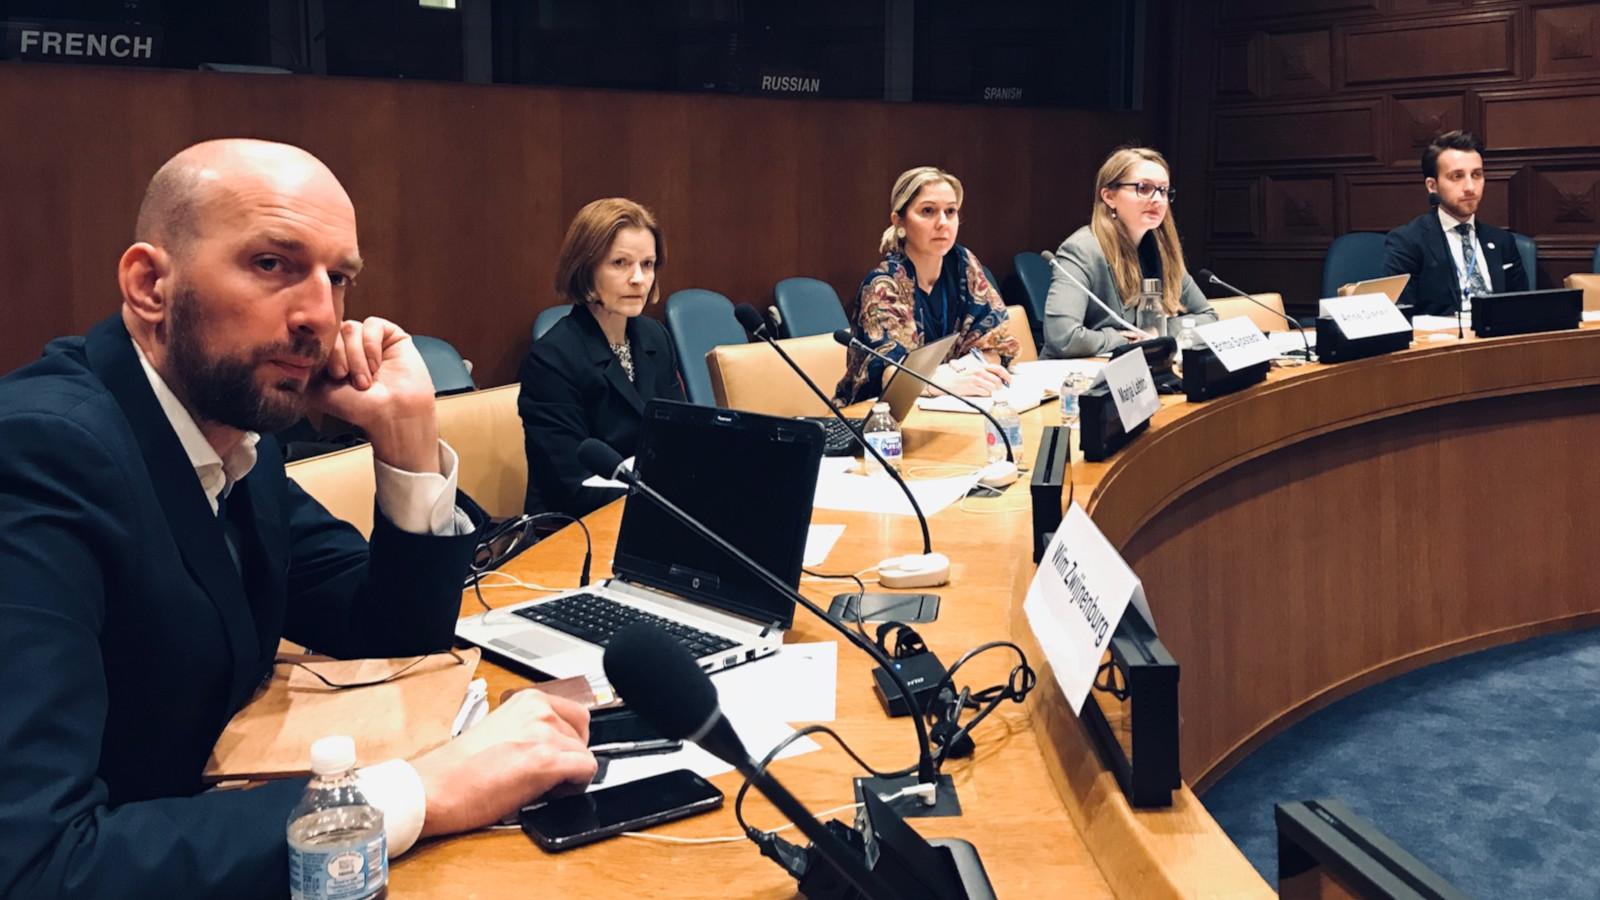 Representanter omkring ett runt bord. Marja Lehto är den andra från höger.